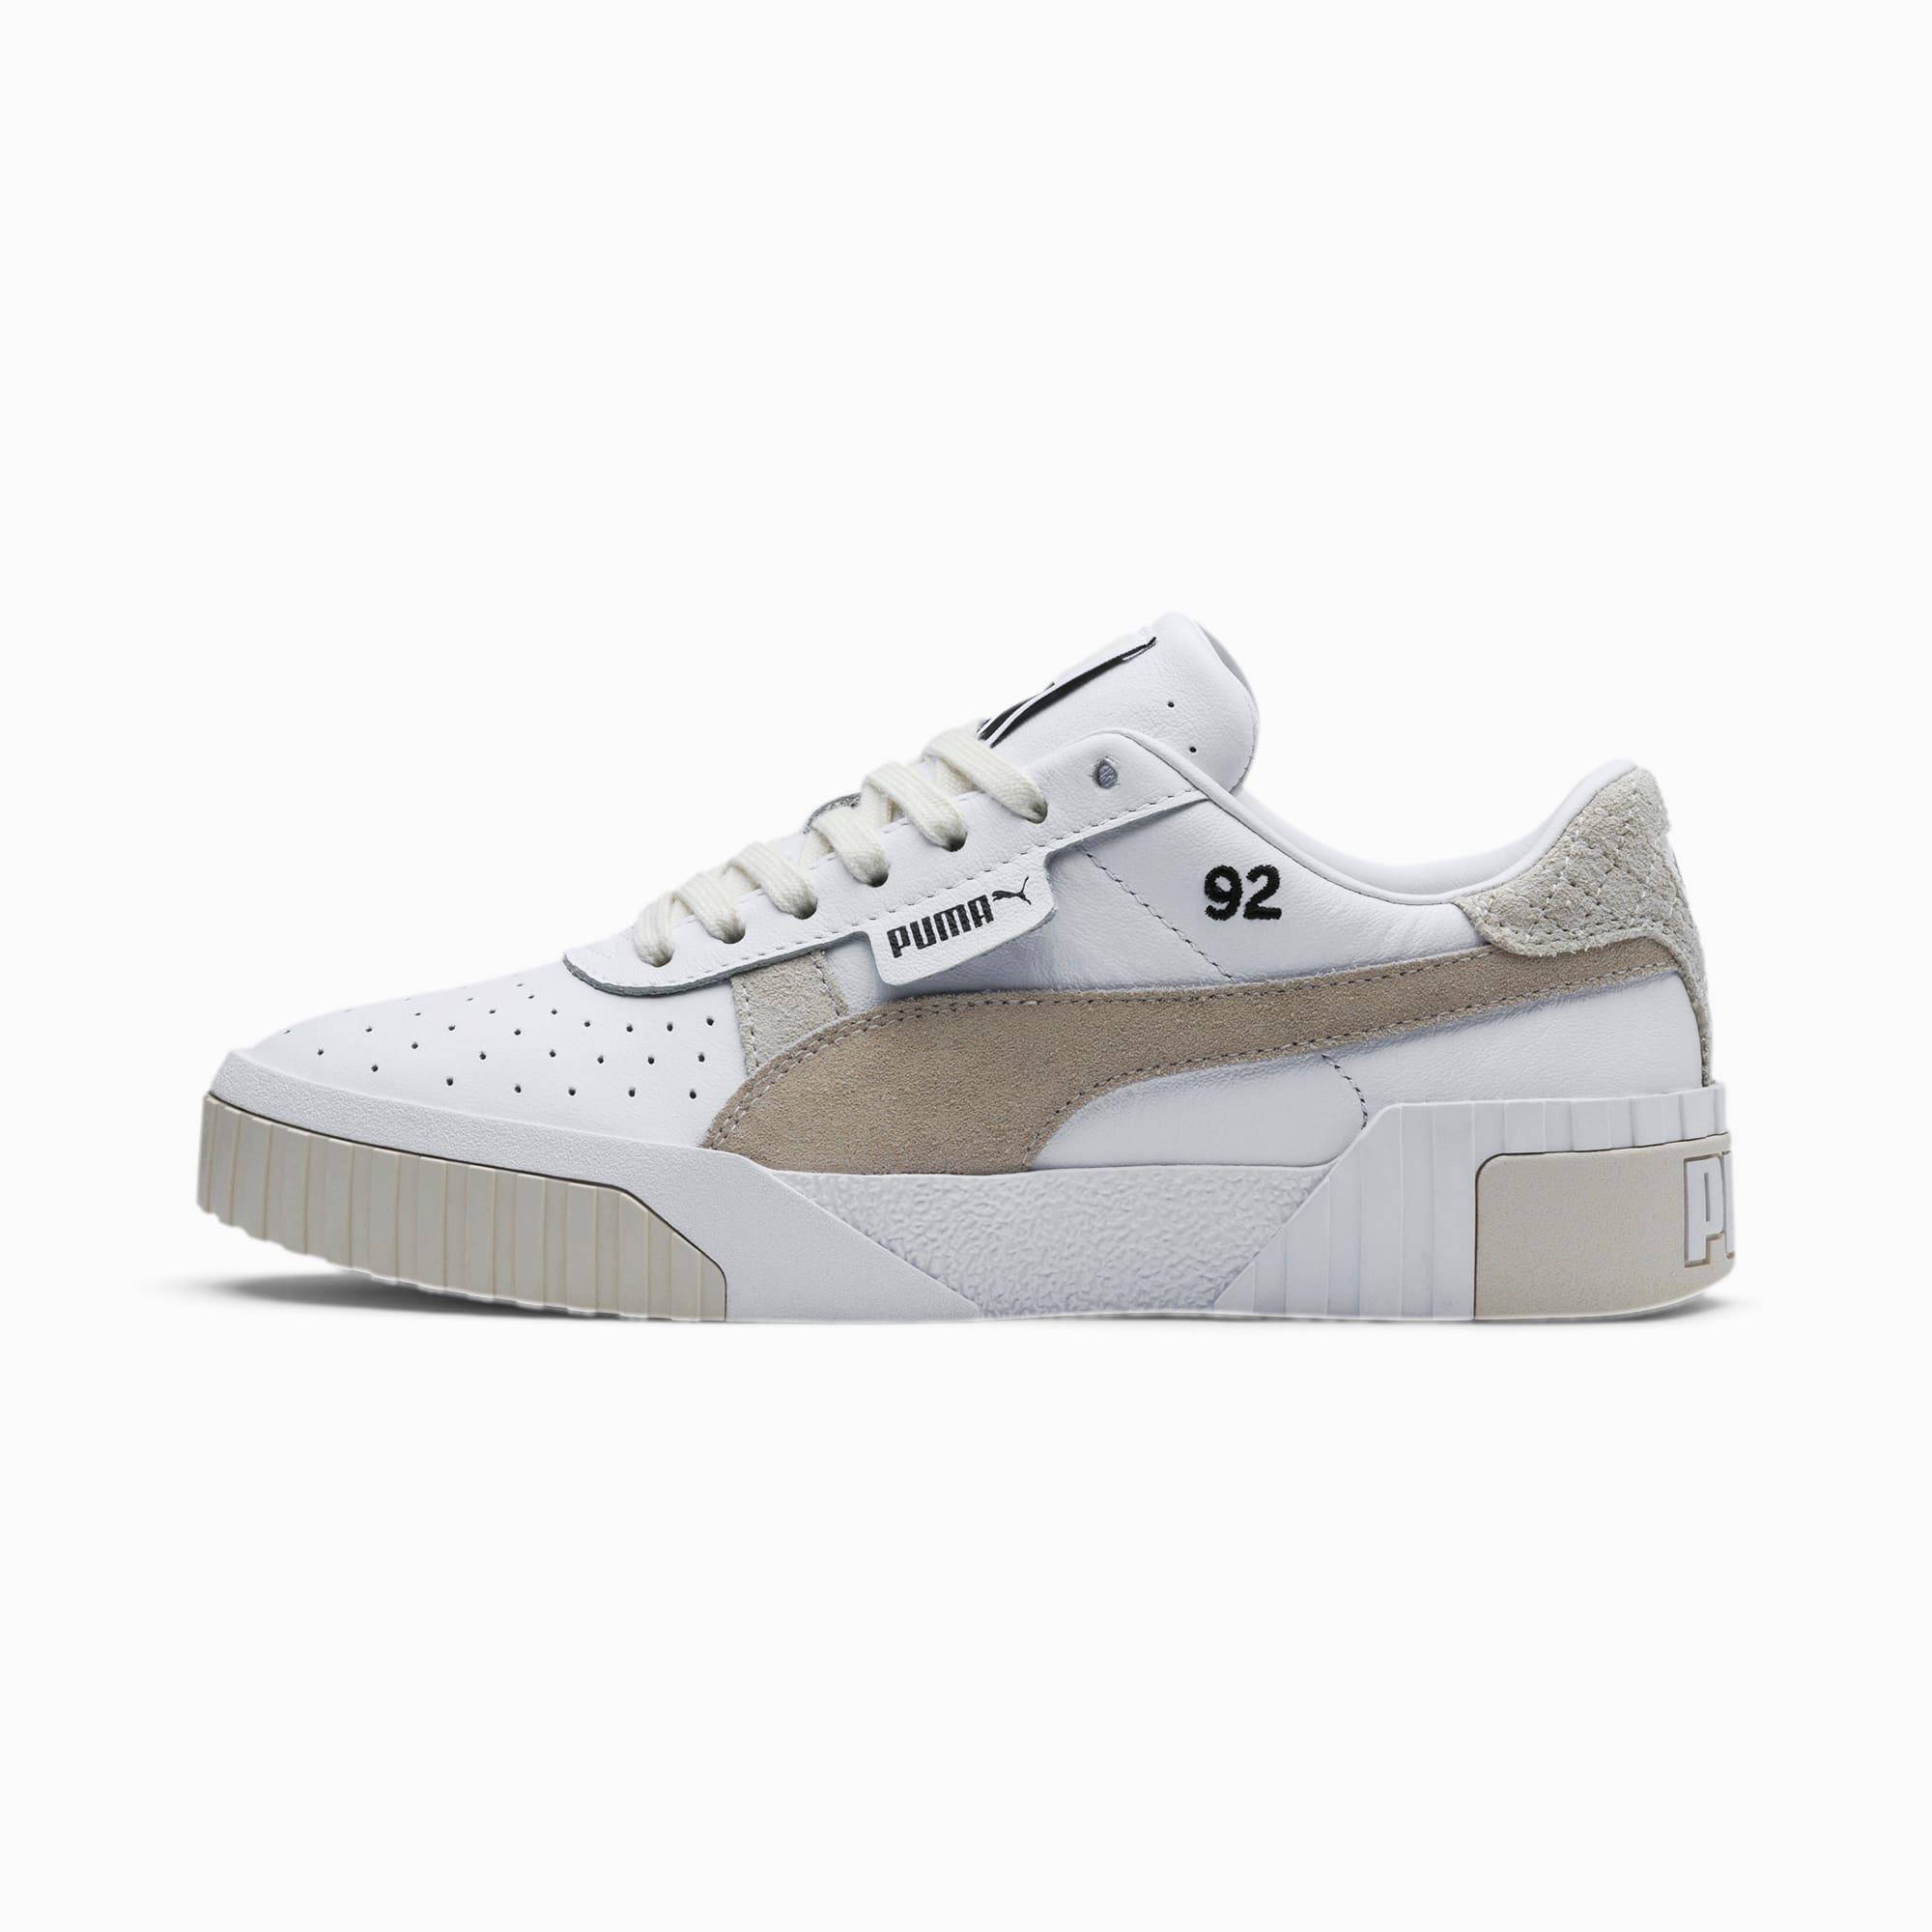 PUMA Chaussure Basket PUMA x SELENA GOMEZ Cali Lthr Suede pour Femme, Argent/Gris/Blanc, Taille 35.5, Chaussures